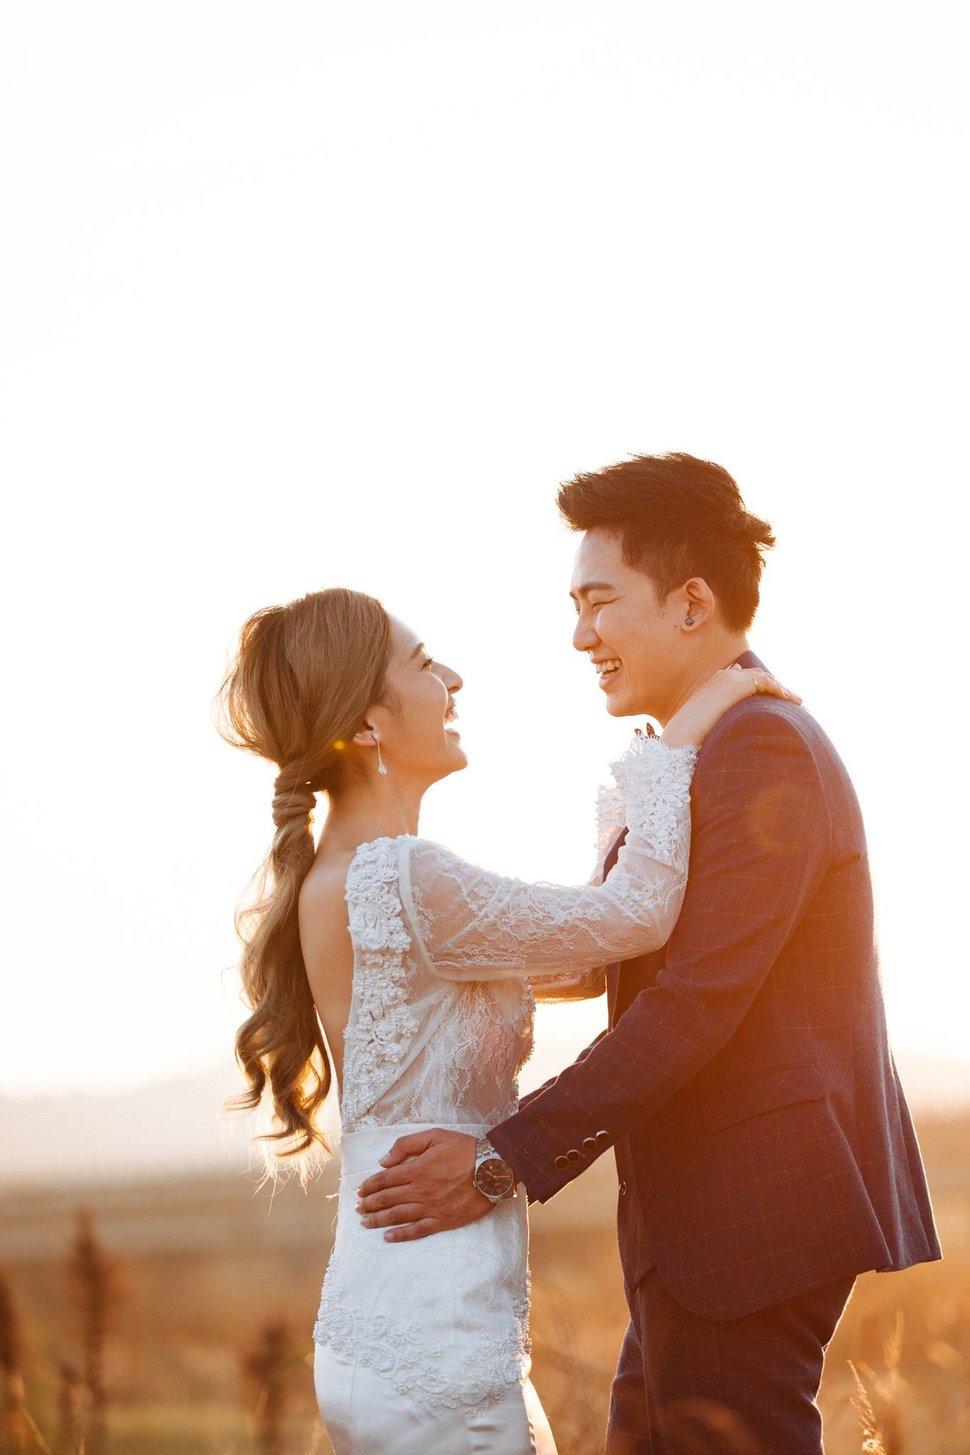 52262038_992431254213808_5944624918262972416_o - LINN  美式婚紗《結婚吧》